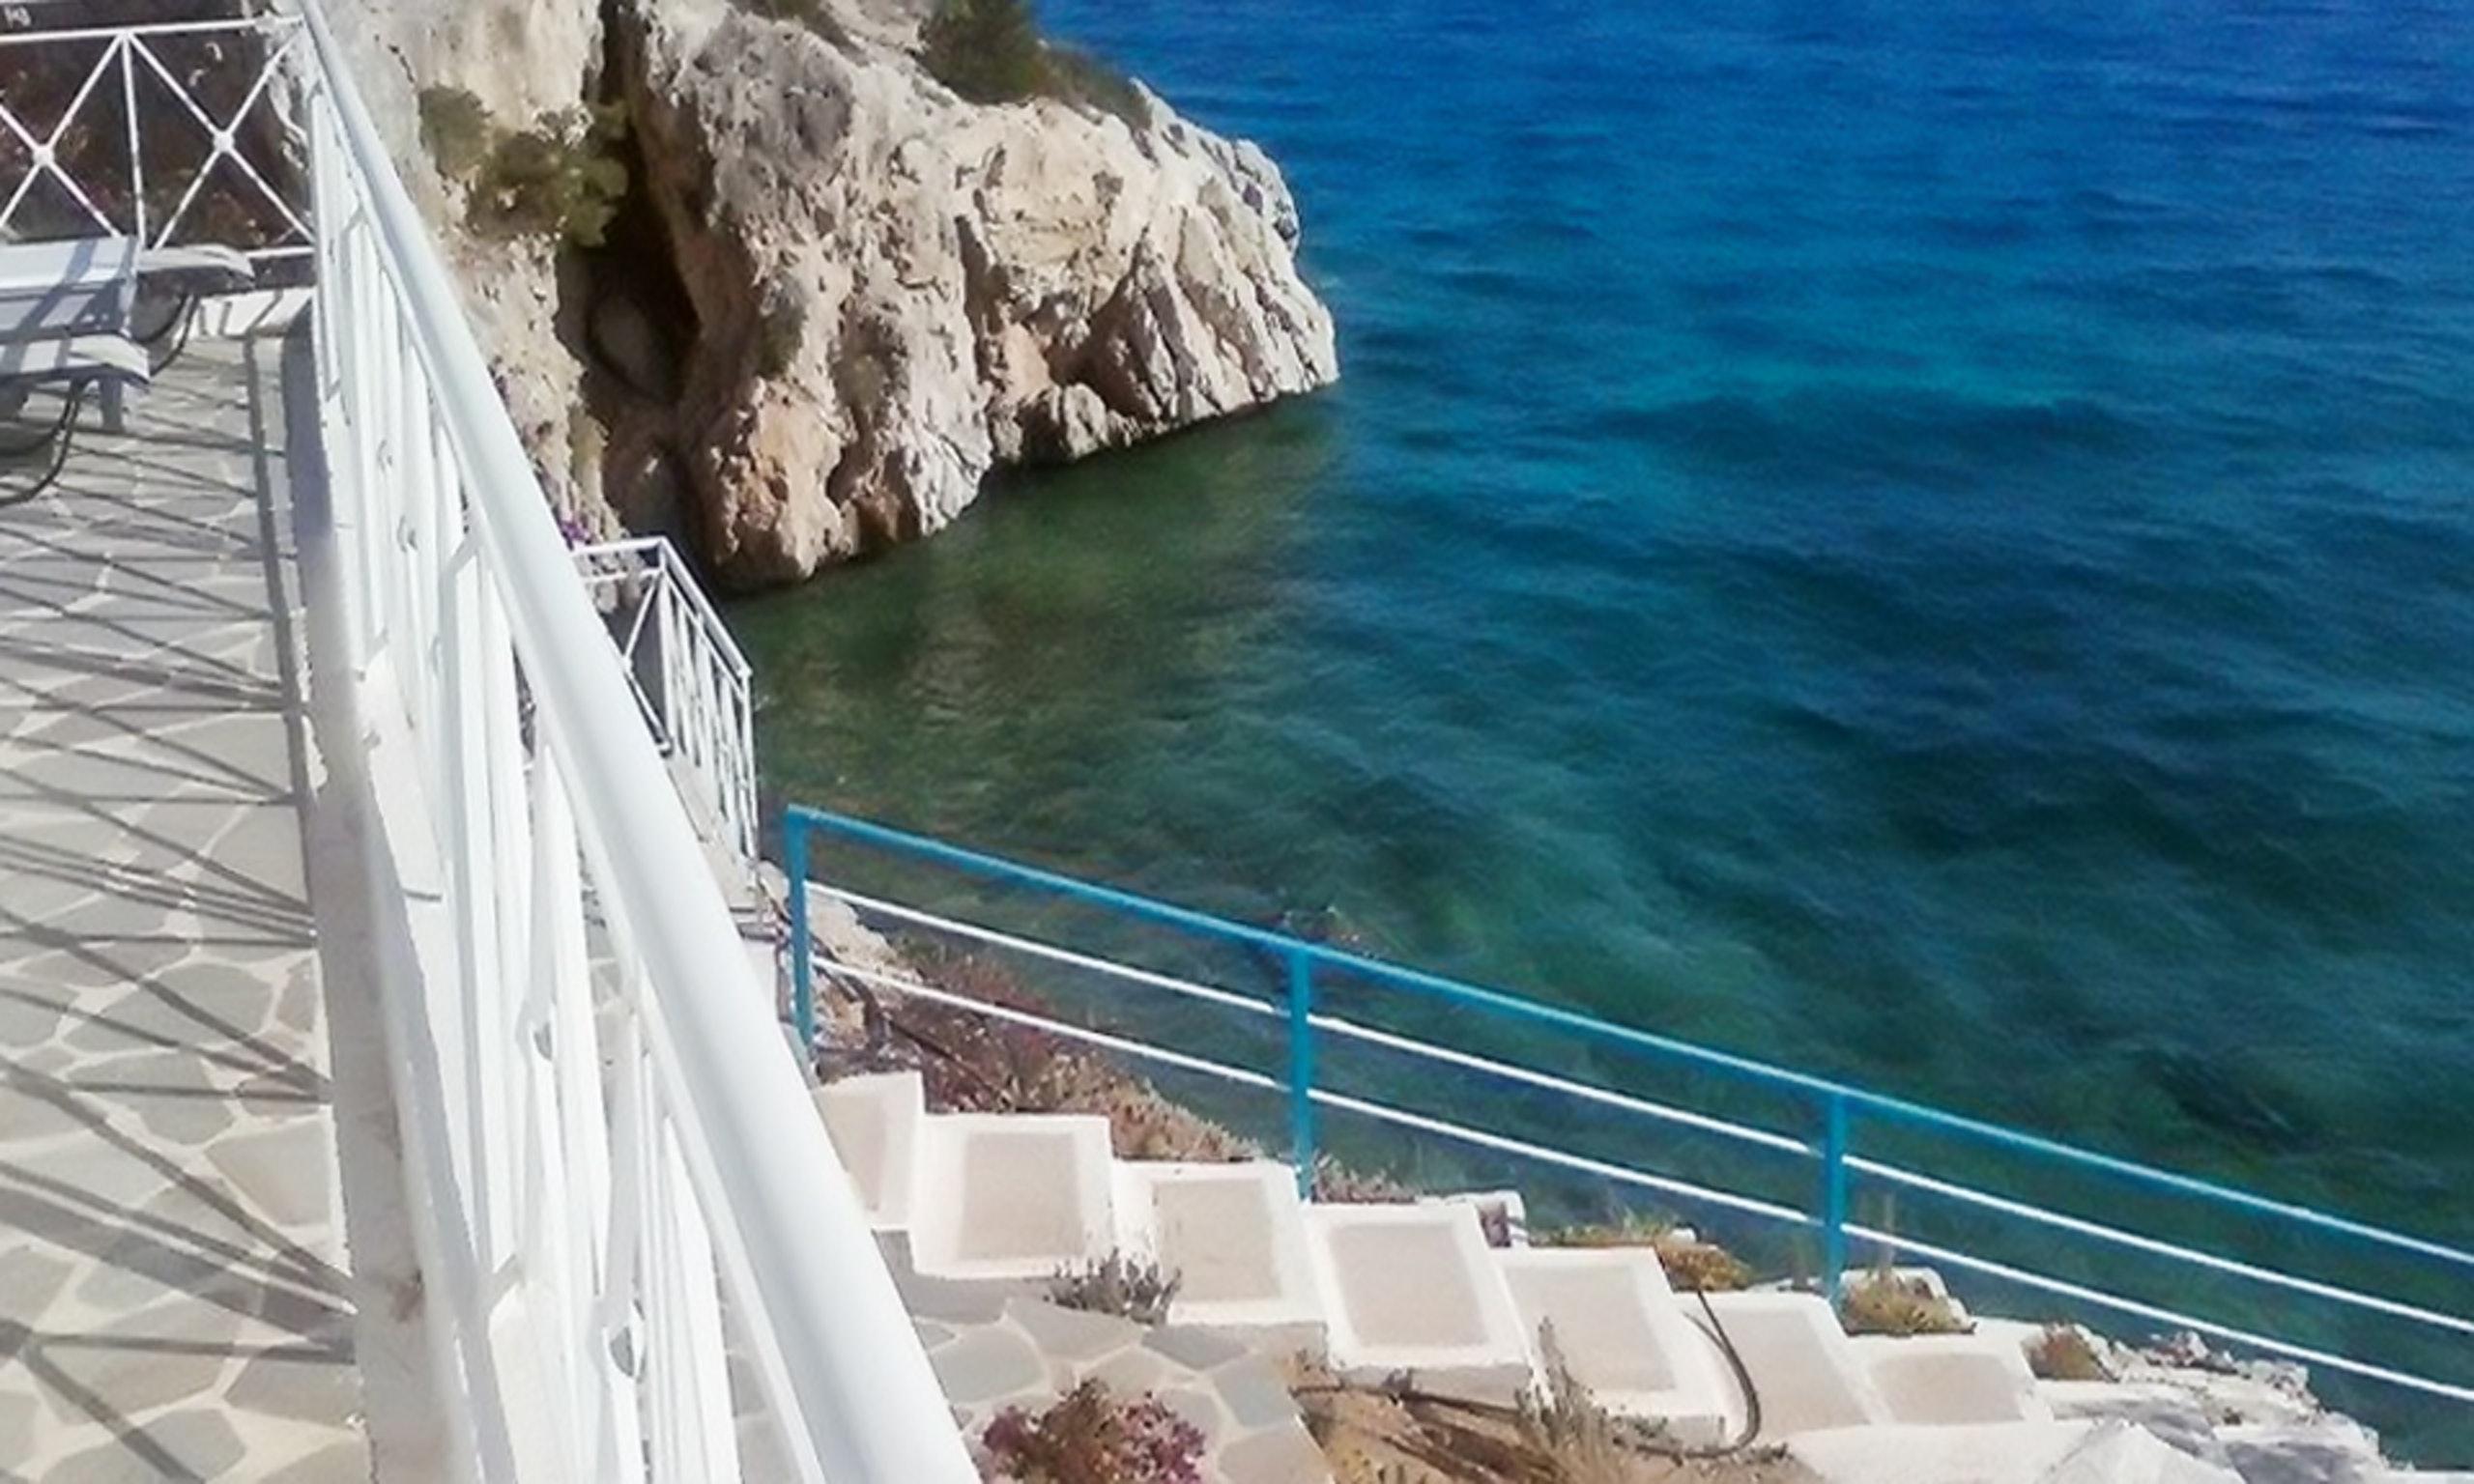 Ferienhaus Luxuriöse Villa in Megara direkt am Meer, mit wunderschöner Aussicht und möbliertem Balkon (2294781), Megara, , Attika, Griechenland, Bild 3